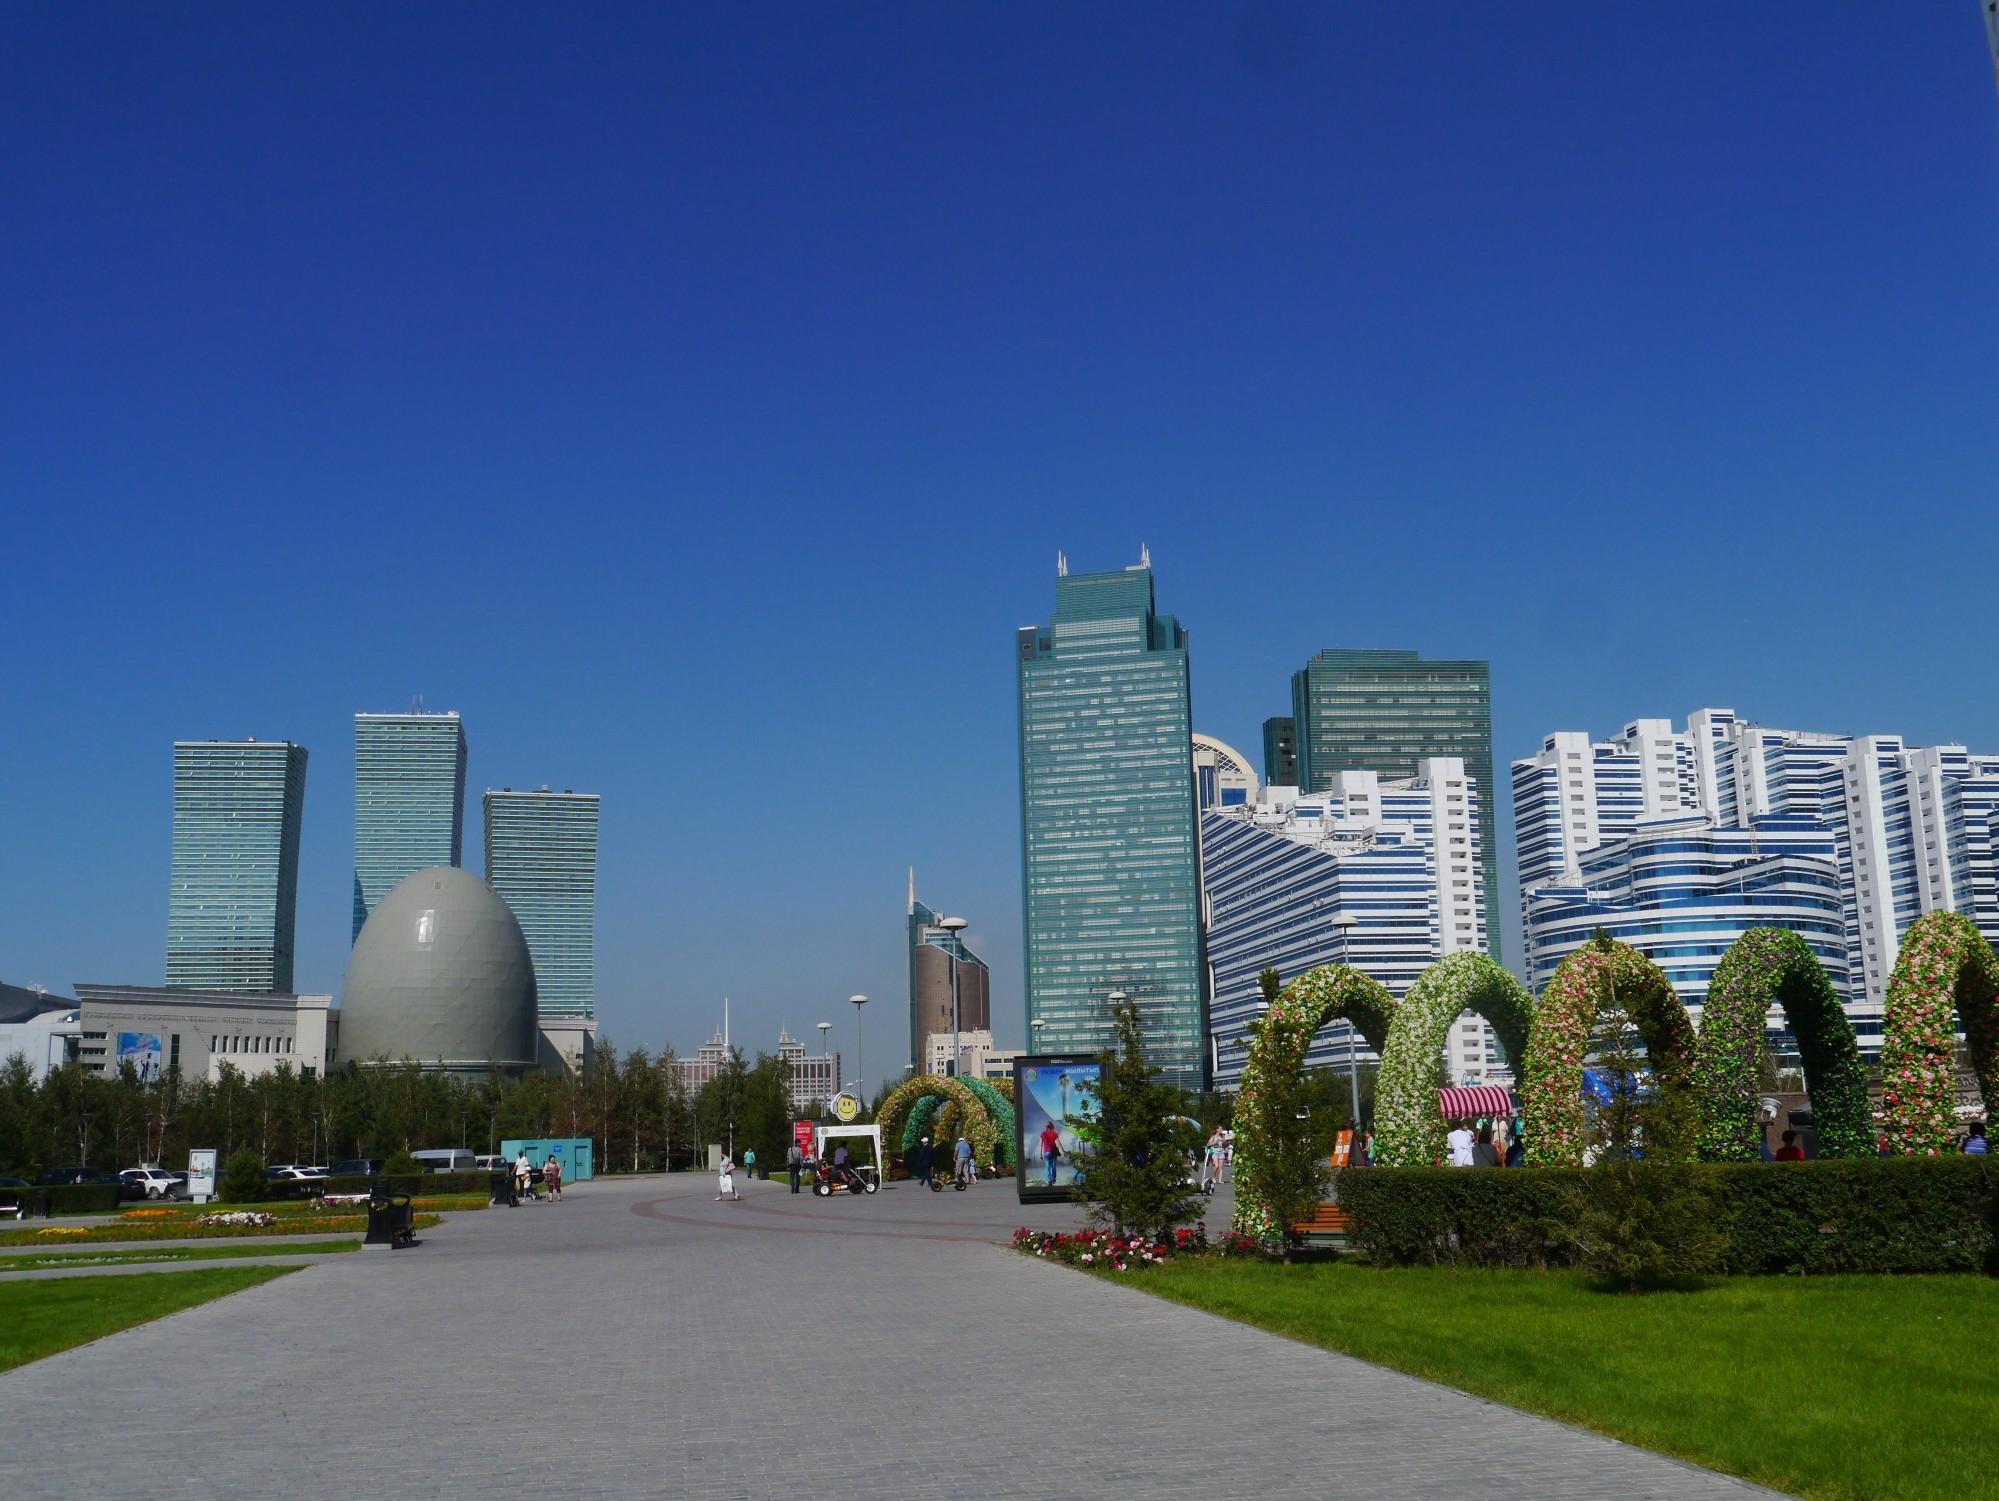 казахстана популярные картинки растения плохо растут